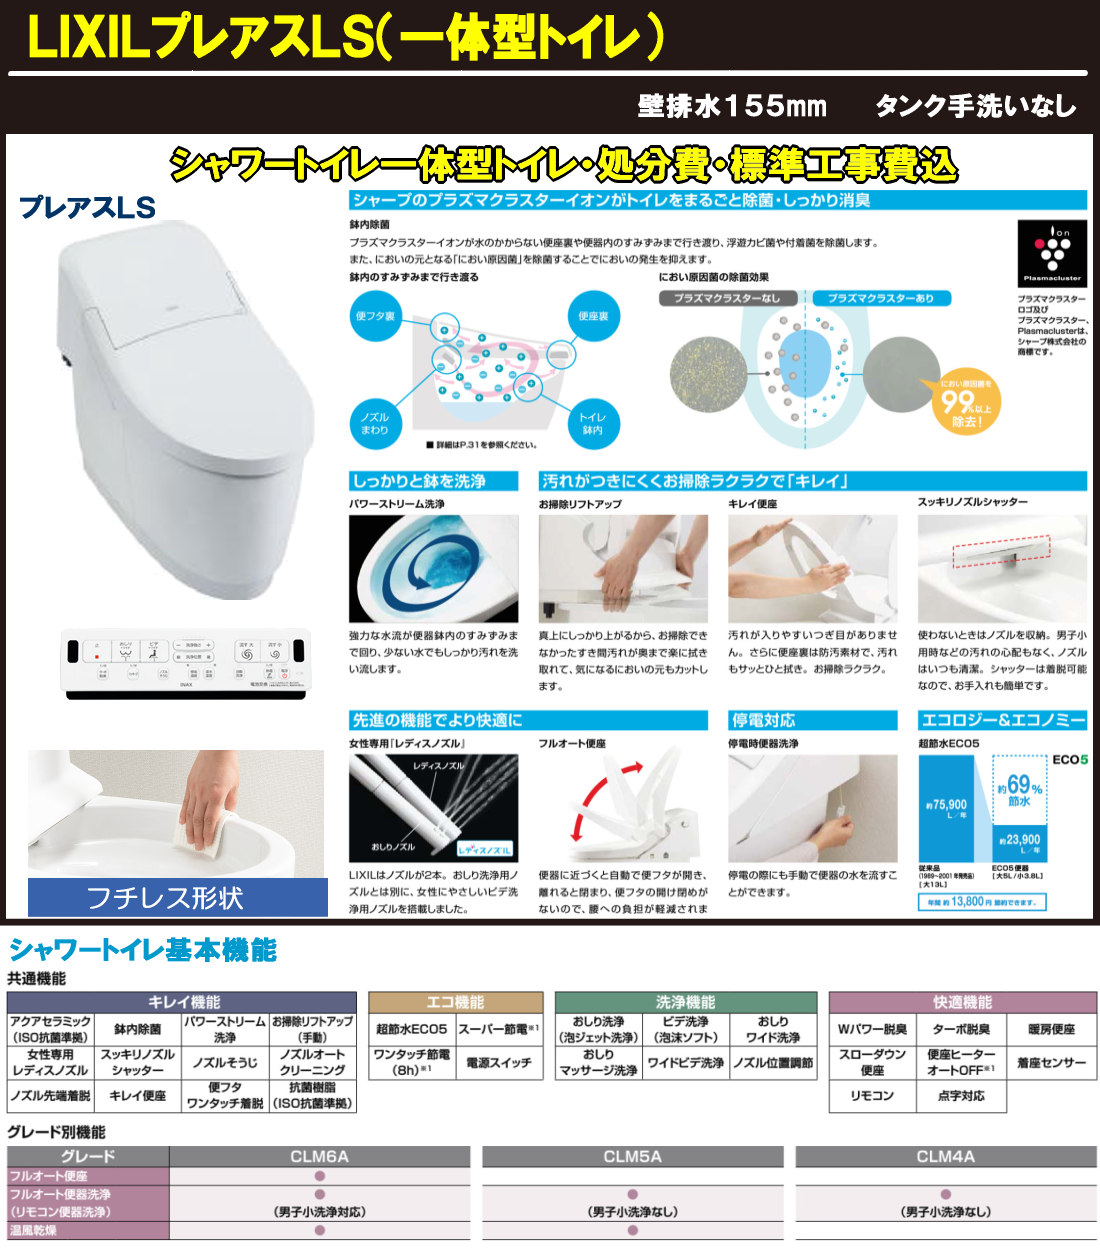 壁排水155mmトイレ交換リフォーム